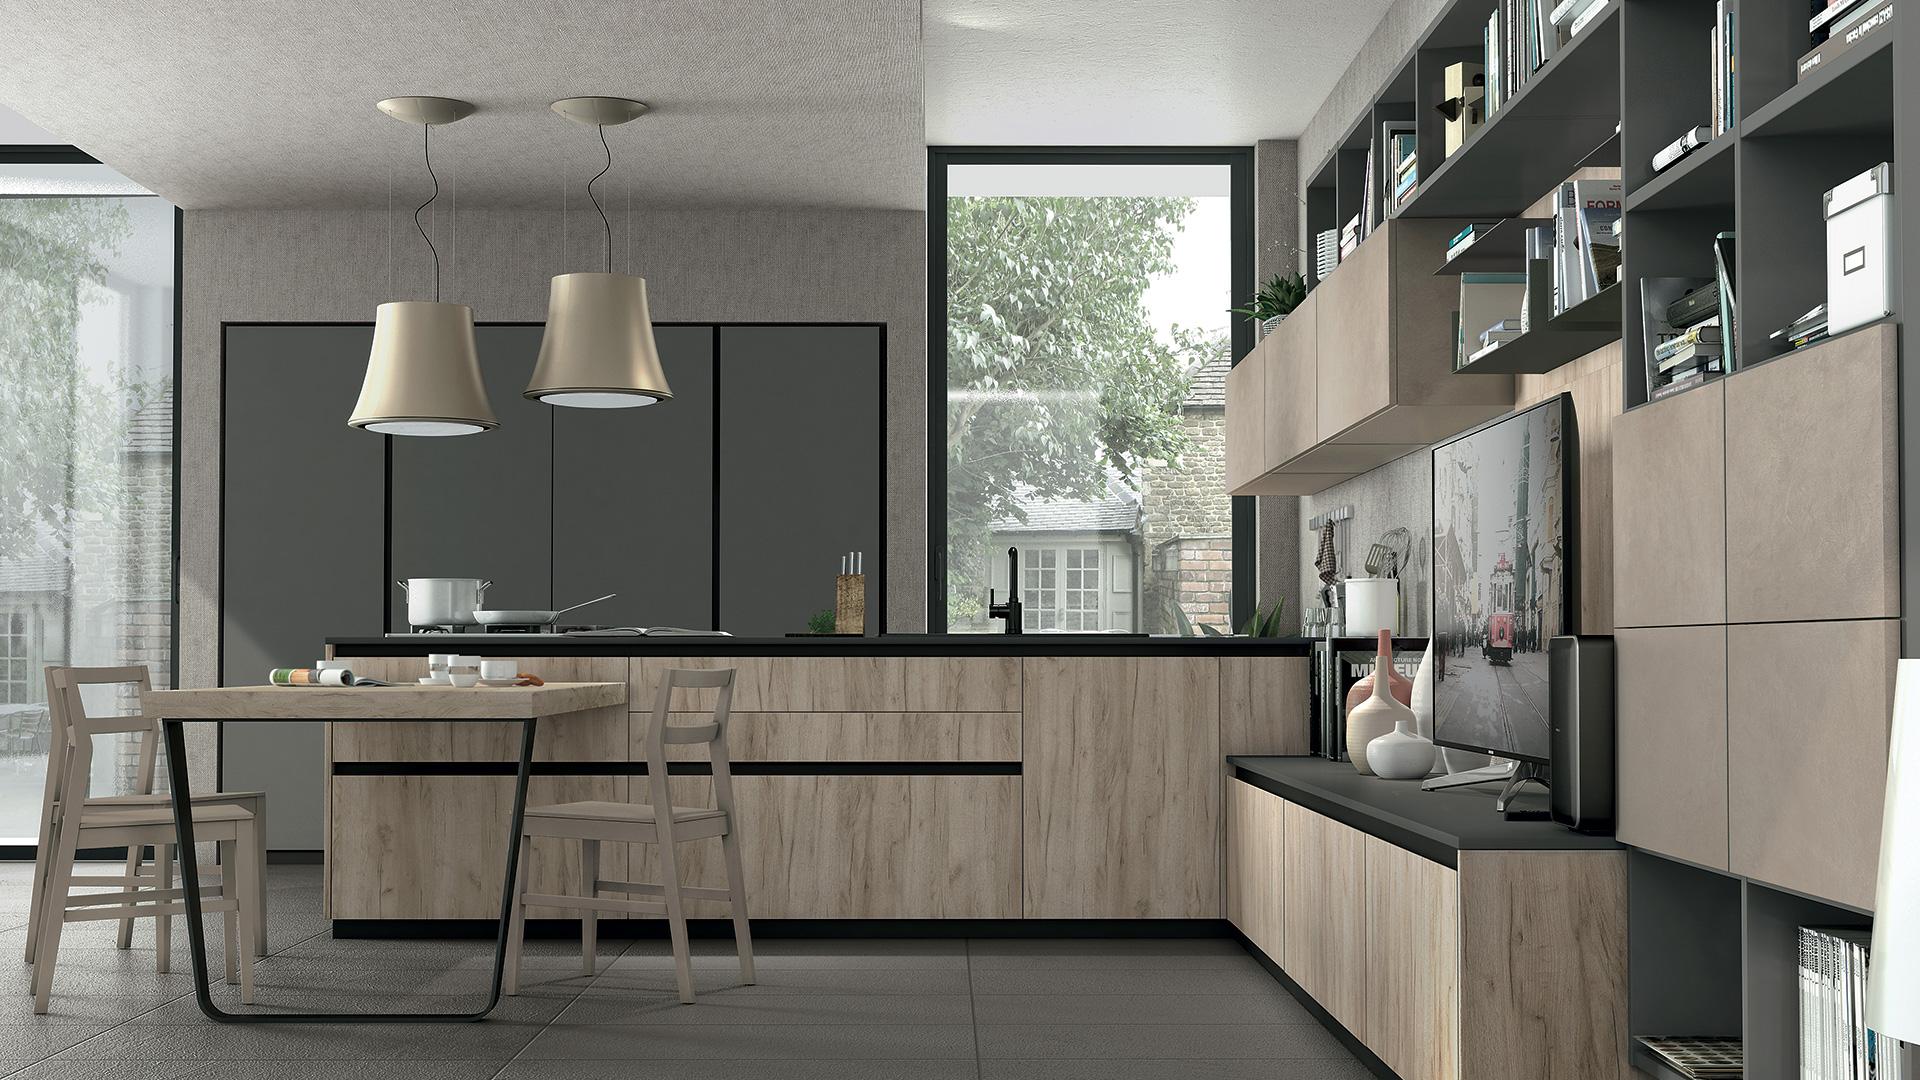 Cucine Lube - Cucine Moderne - Immagina - 3 | Gambula Arredamenti